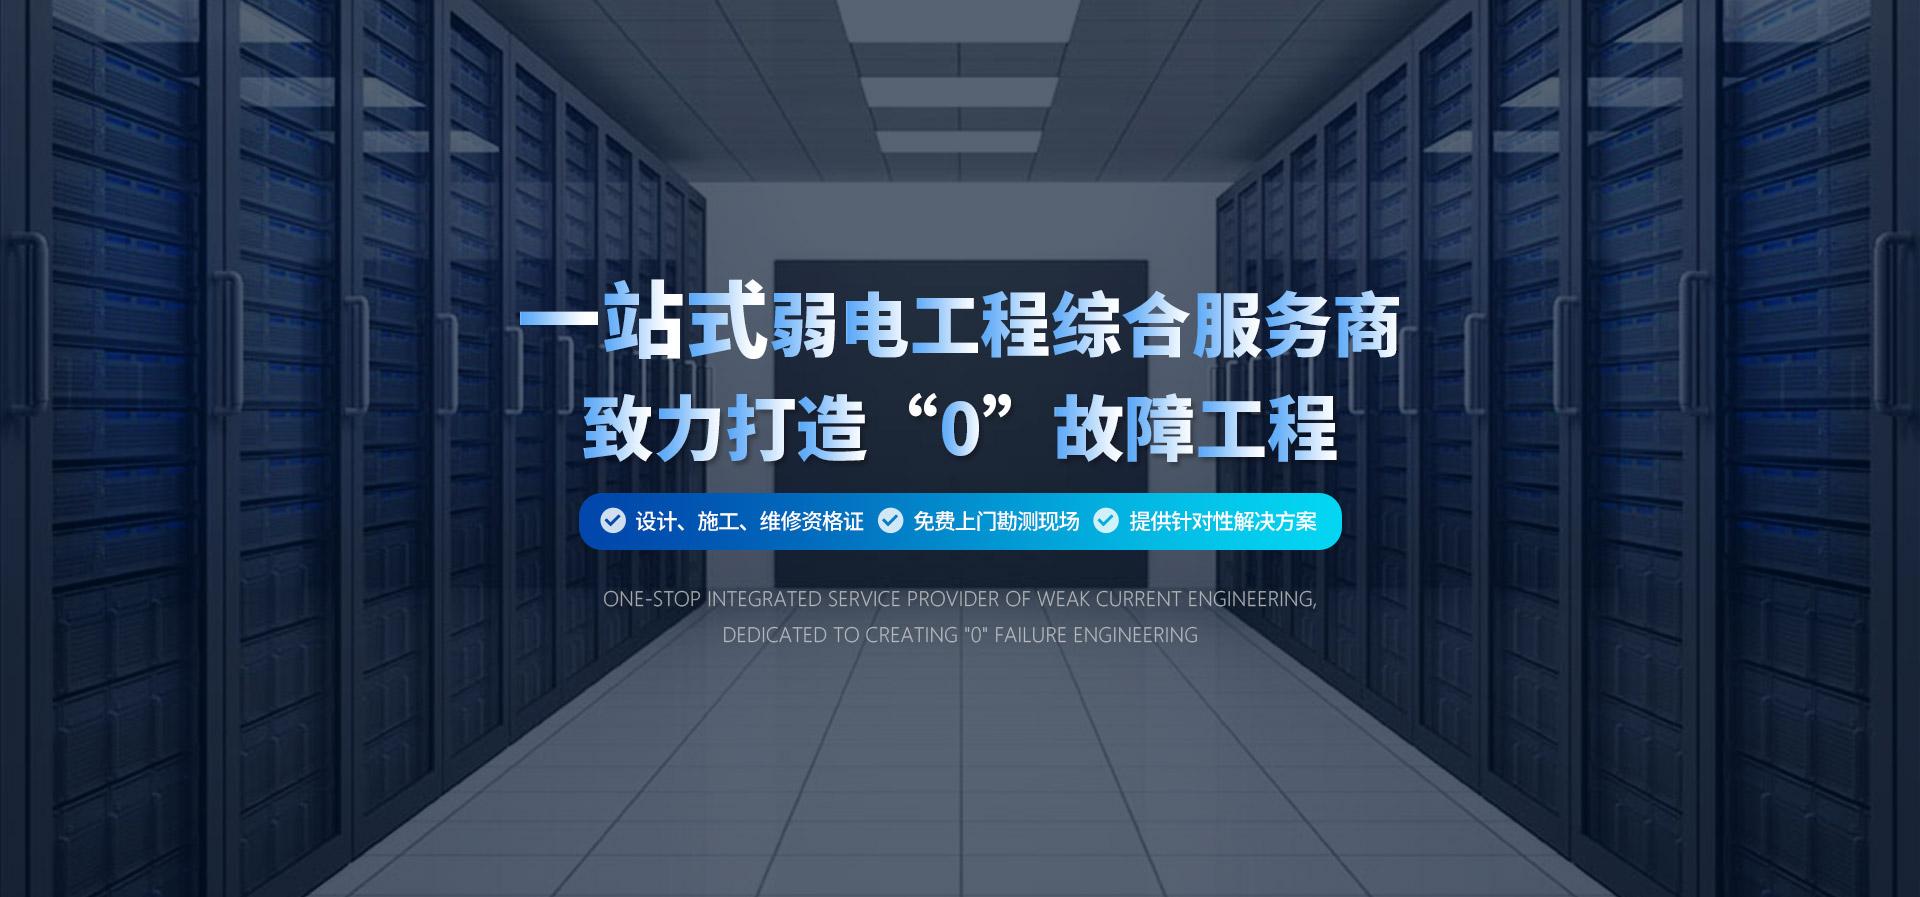 轩辕宏迈网络工程